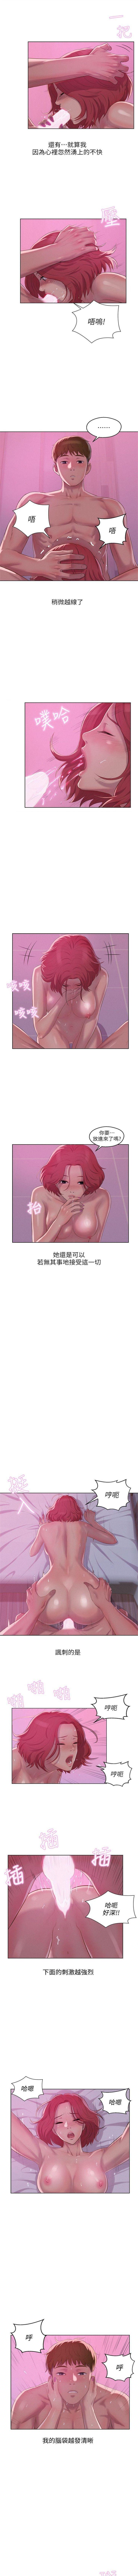 新生淫乱日记 1-61完结(中文) 319